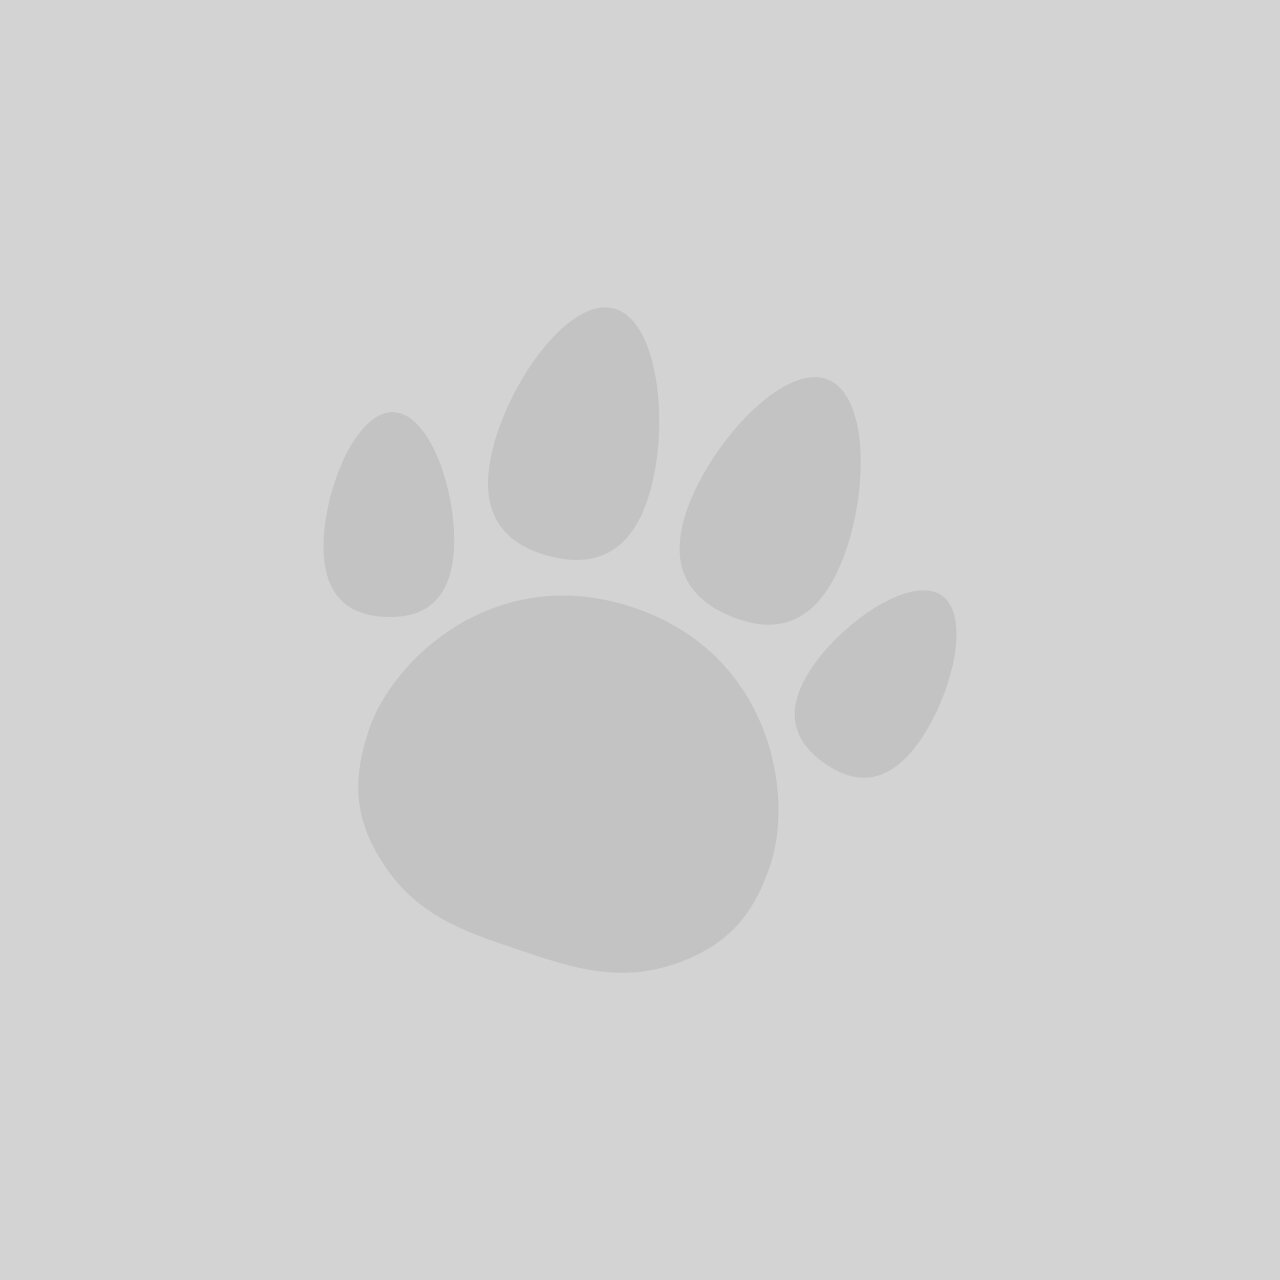 Dog Lead With Bone & Kennel Design